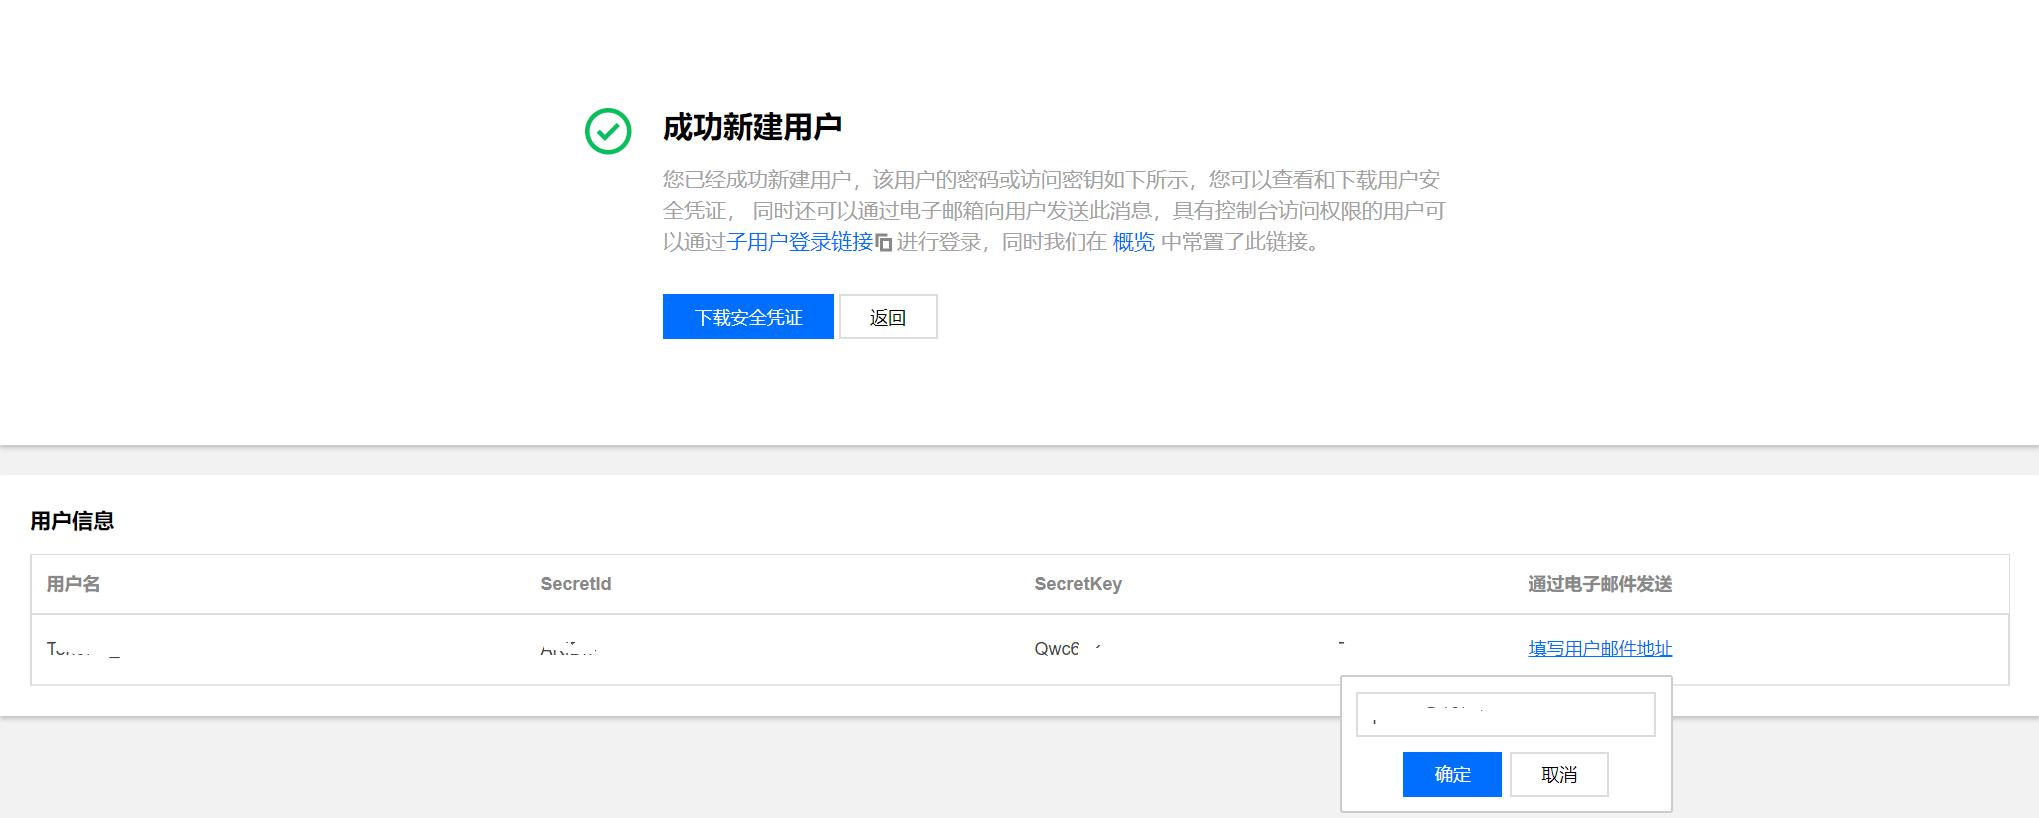 7_sub user secret details .png